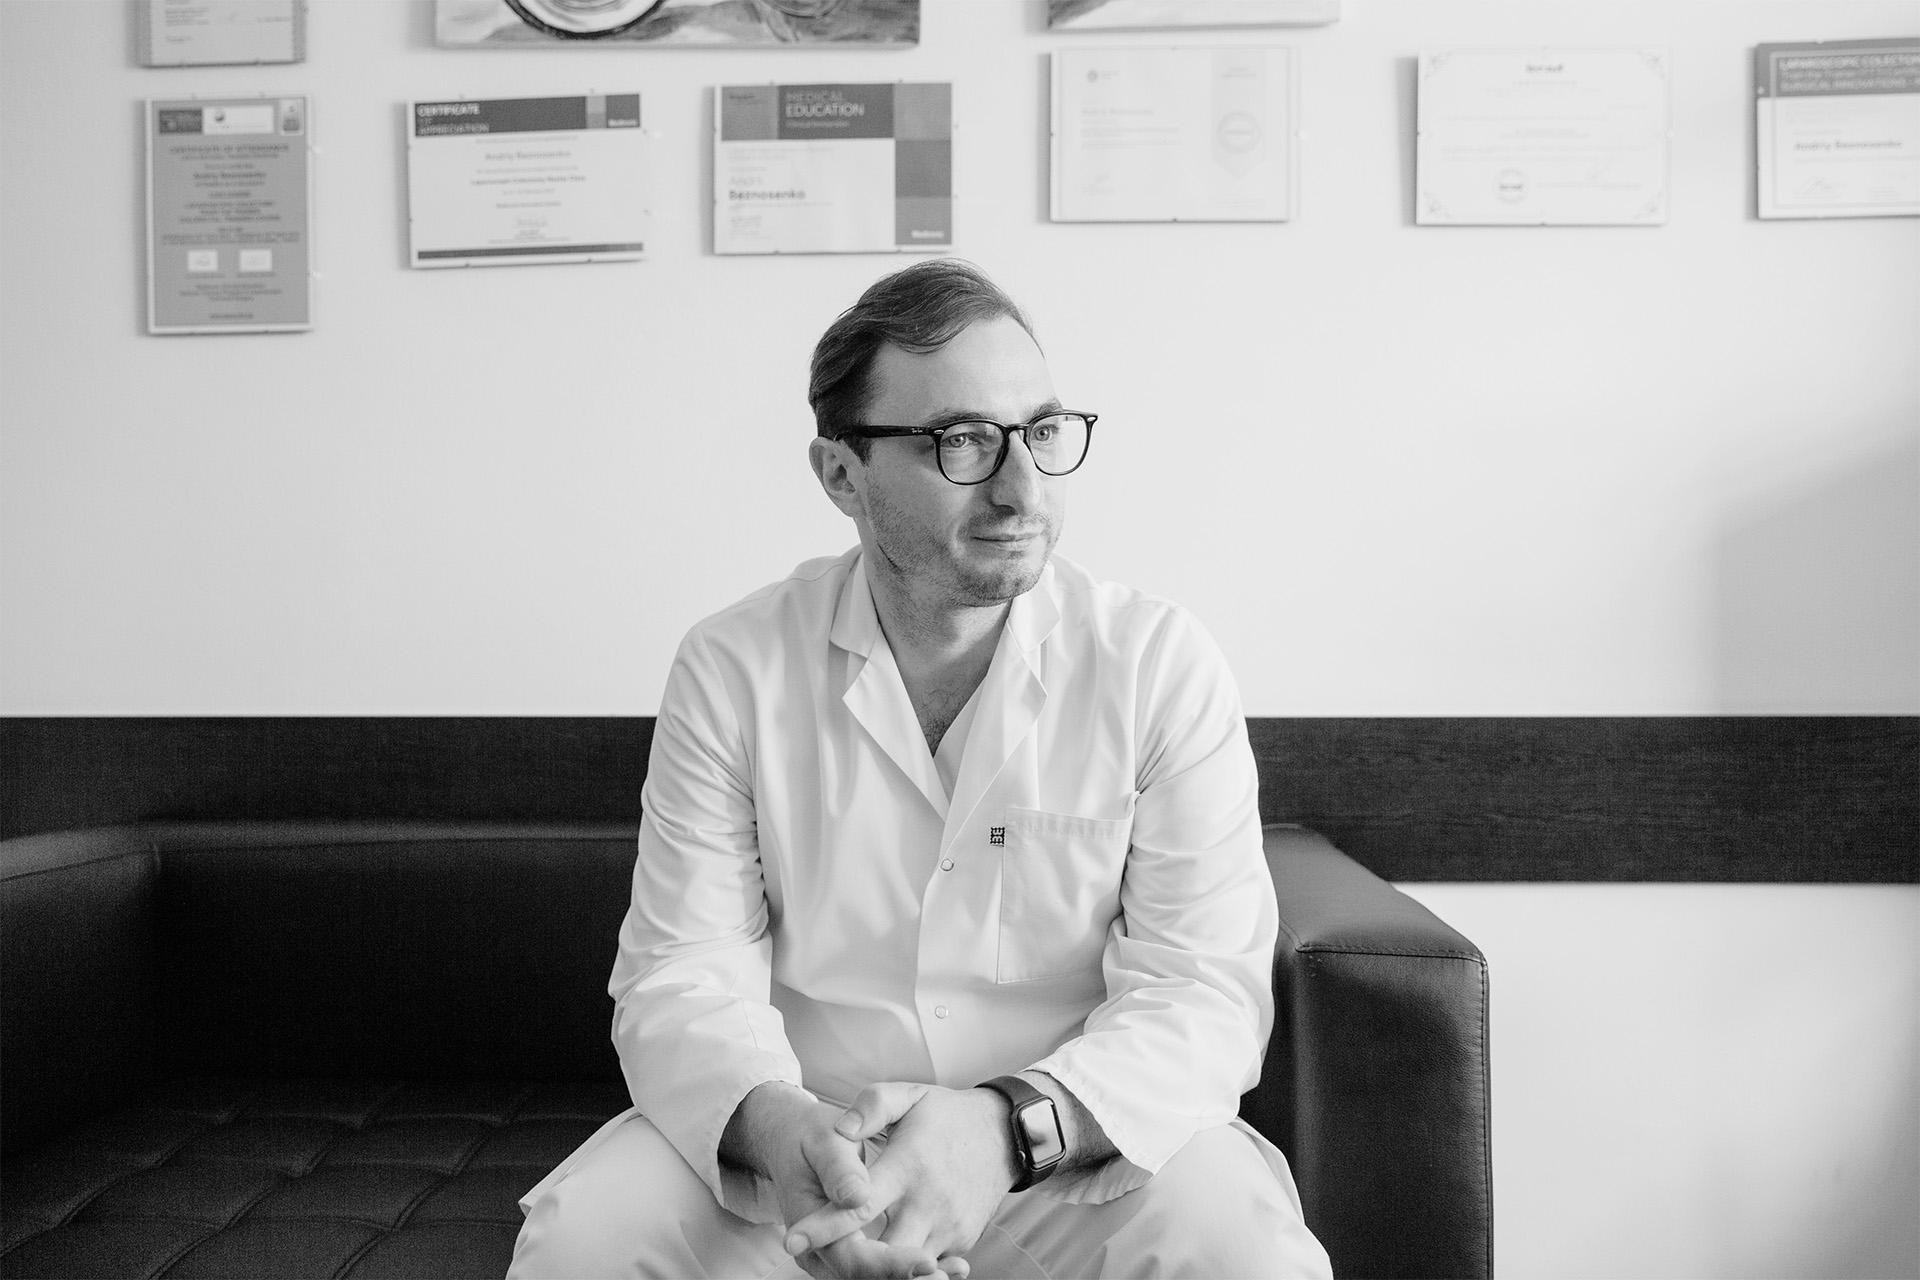 Андрей Безносенко, главный врач Национального института рака, – об онкомедицине, реформе, паллиативной помощи и пересадке органов